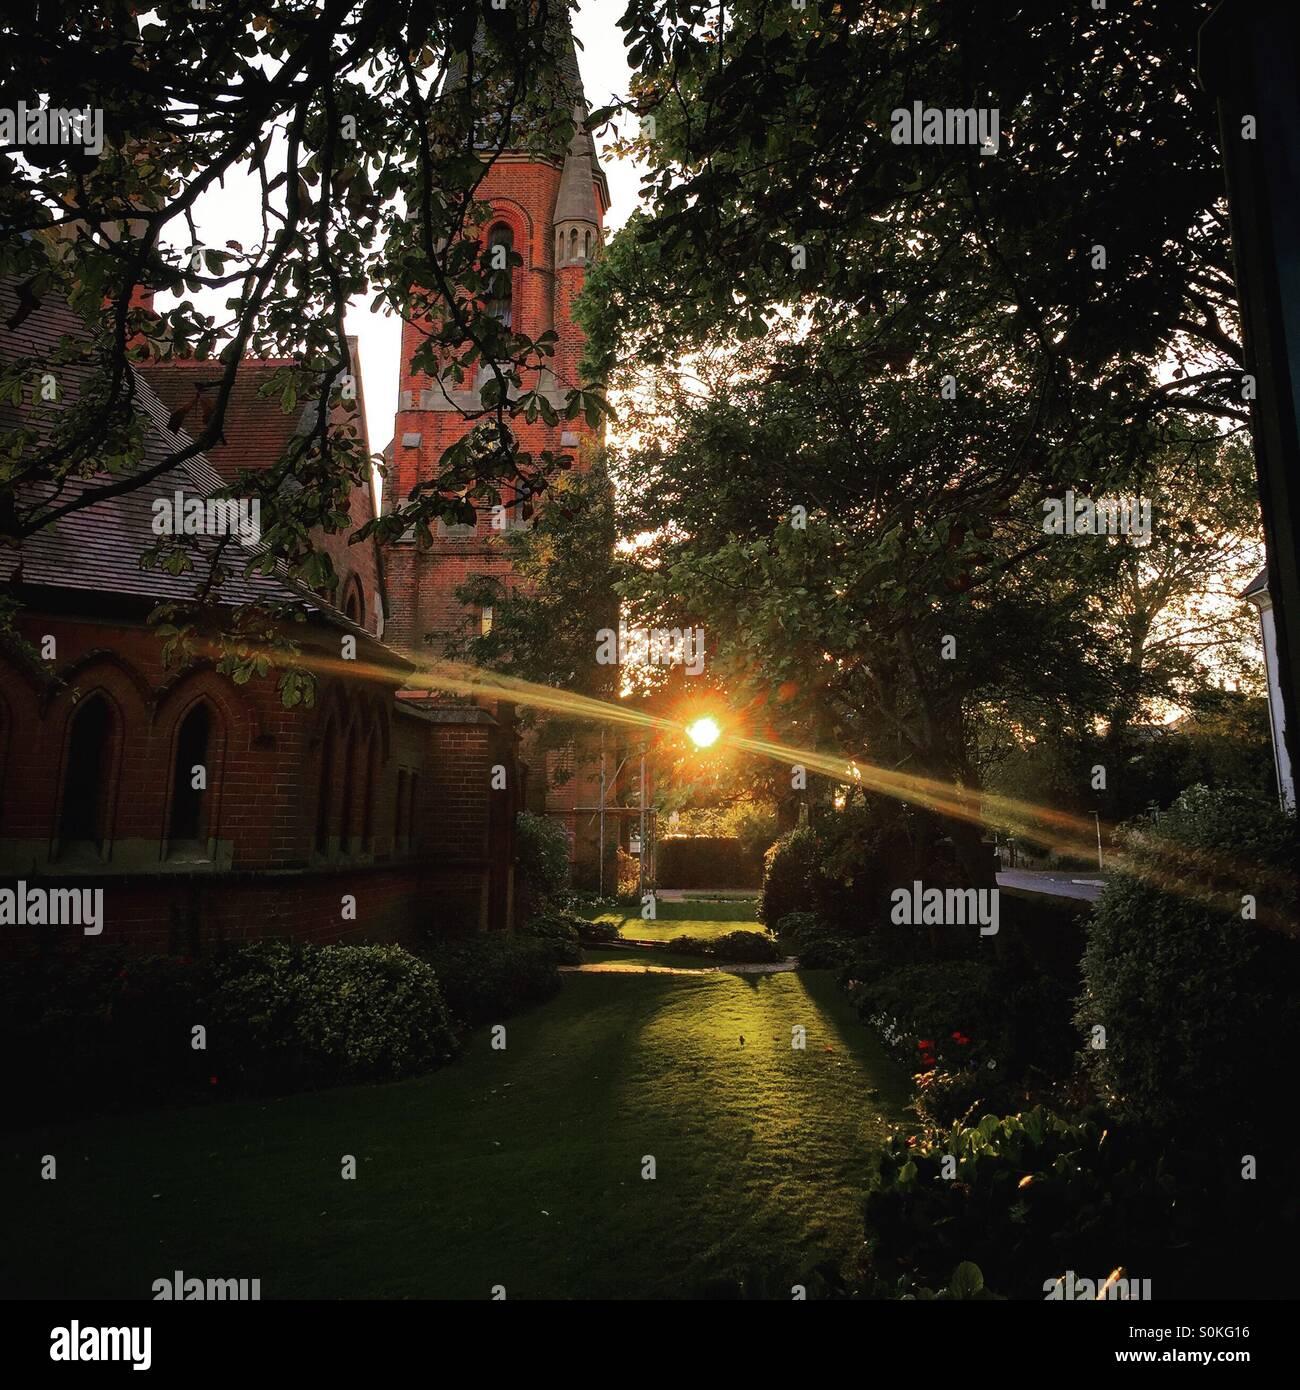 Luce divina- sun impostato in un cantiere della chiesa Immagini Stock